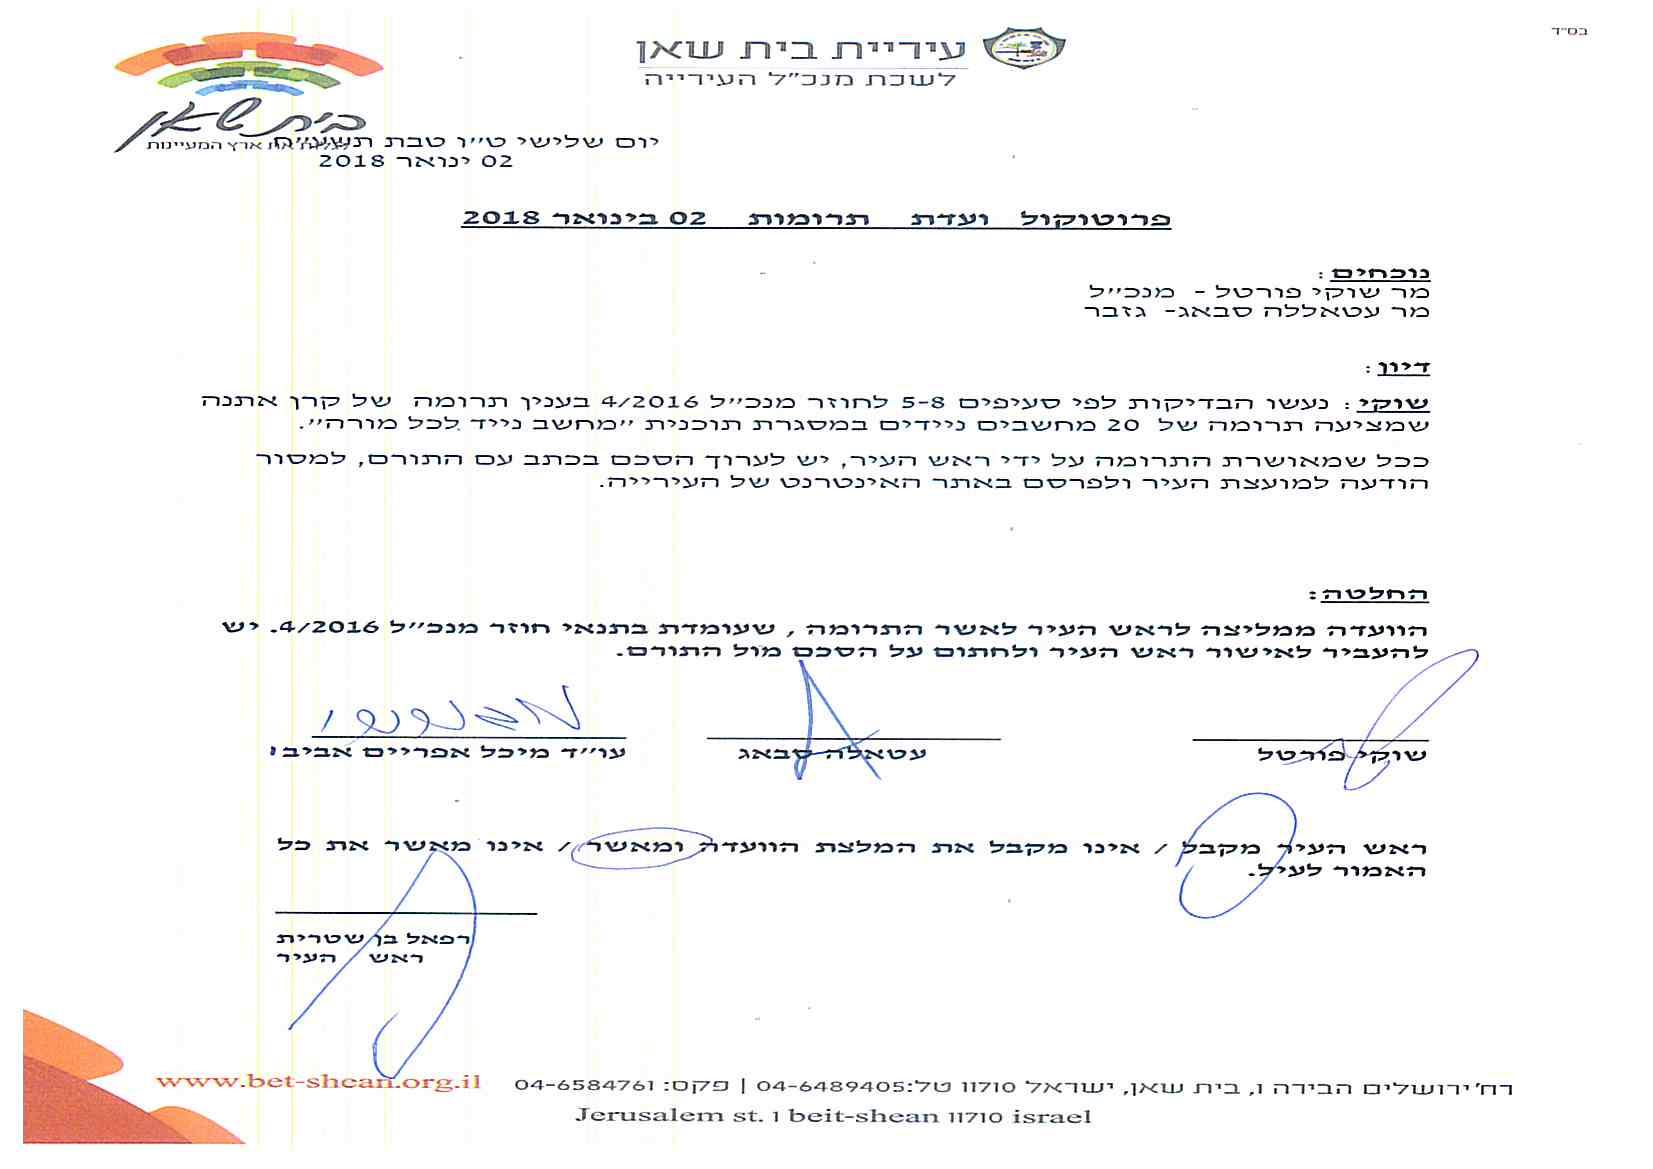 פרוטוקול ועדת תרומות 02.01.18